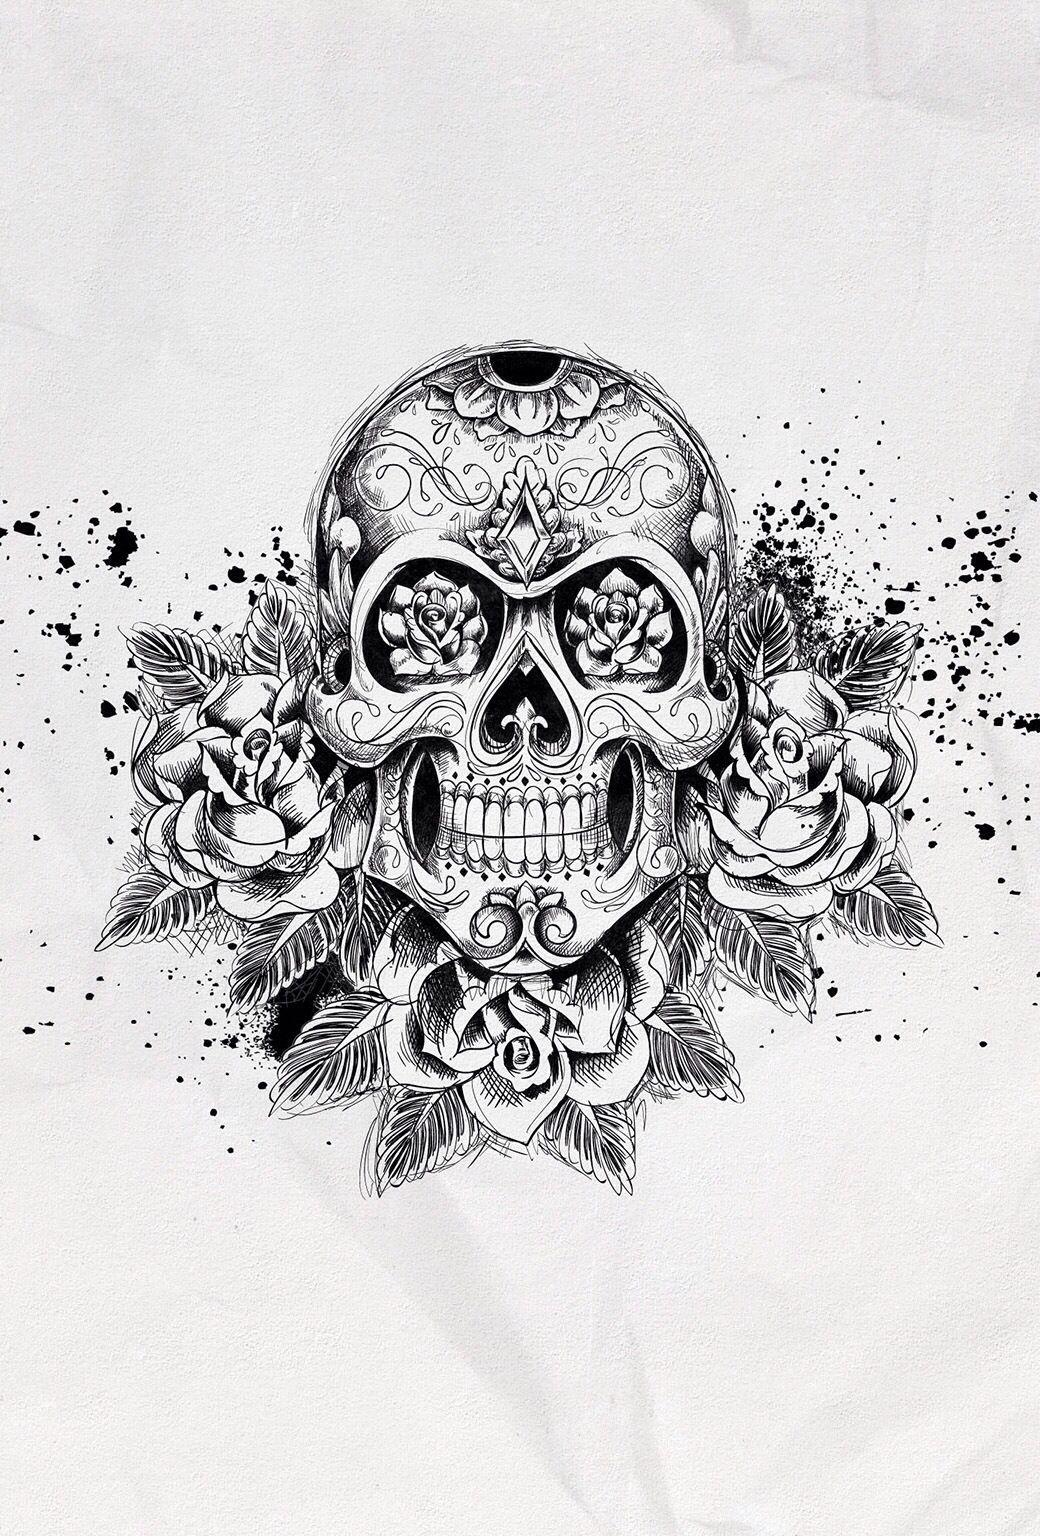 Black And White Skull Rose Tattoos Sugar Skull Tattoos Skull